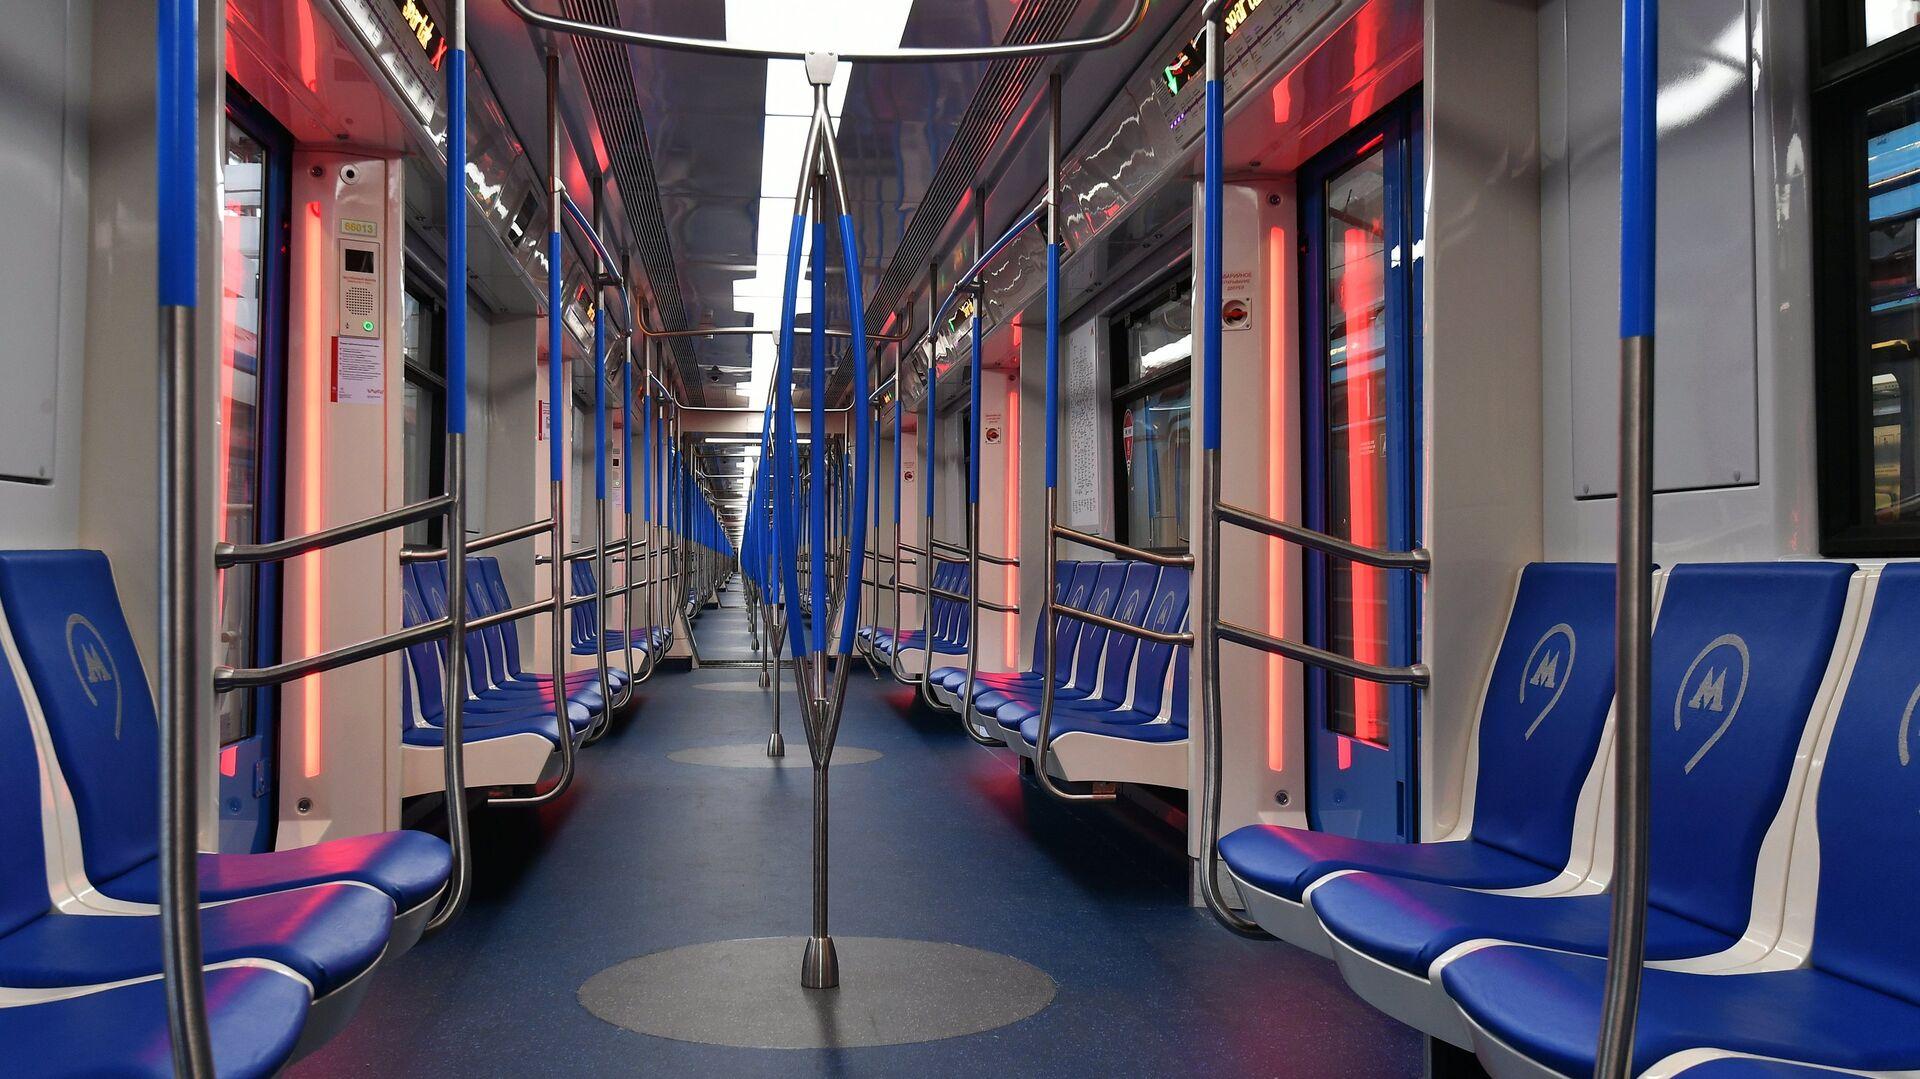 Запуск первых поездов Москва на Таганско-Краснопресненской линии - Sputnik Таджикистан, 1920, 14.09.2021